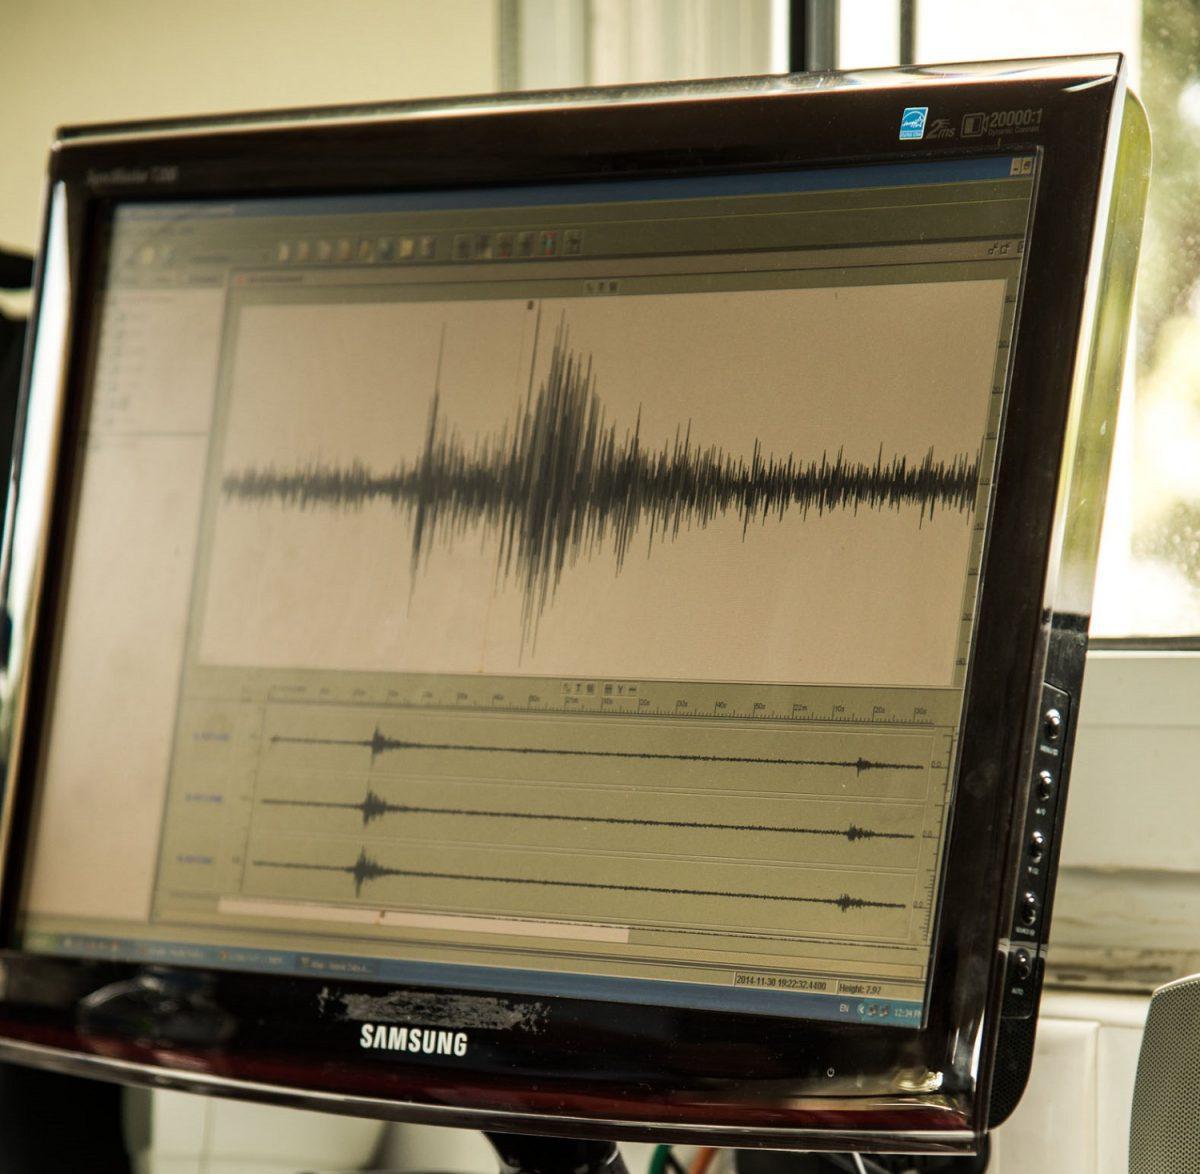 Σεισμός τώρα: Καθησυχαστικοί οι σεισμολόγοι για τη δόνηση στην Πύλο   Pagenews.gr